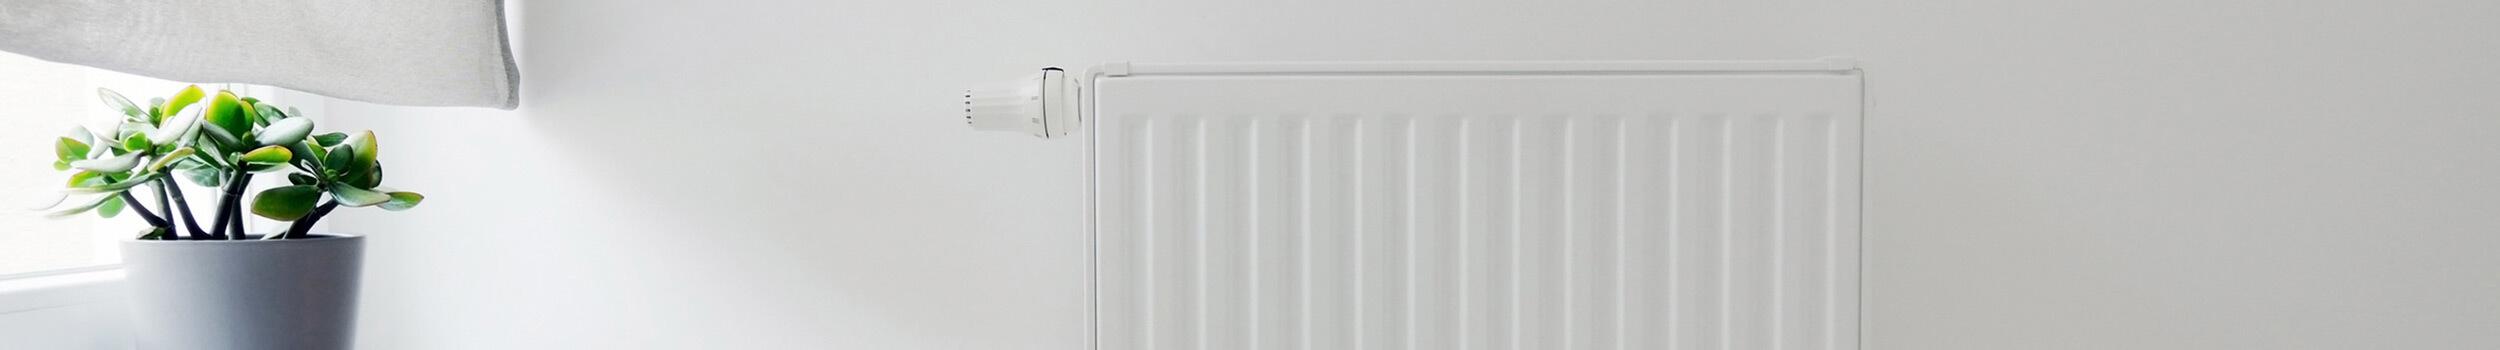 Imagen radiador oferta